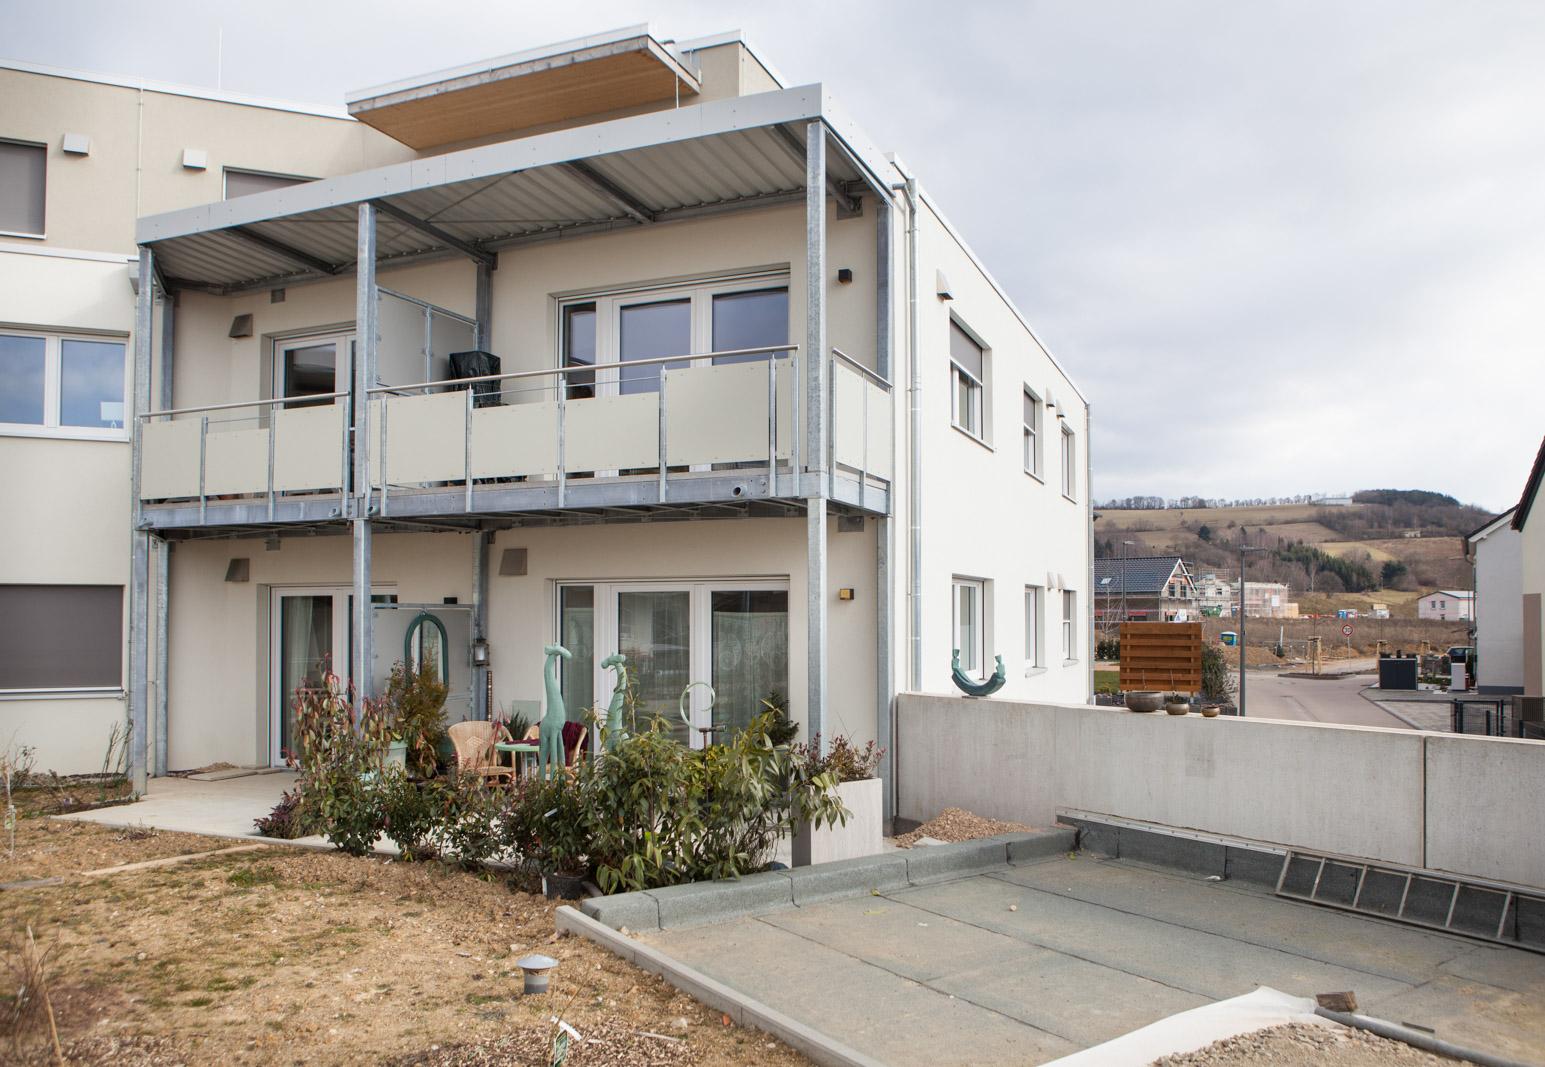 Mehrgenerationenhaus Außenfassade